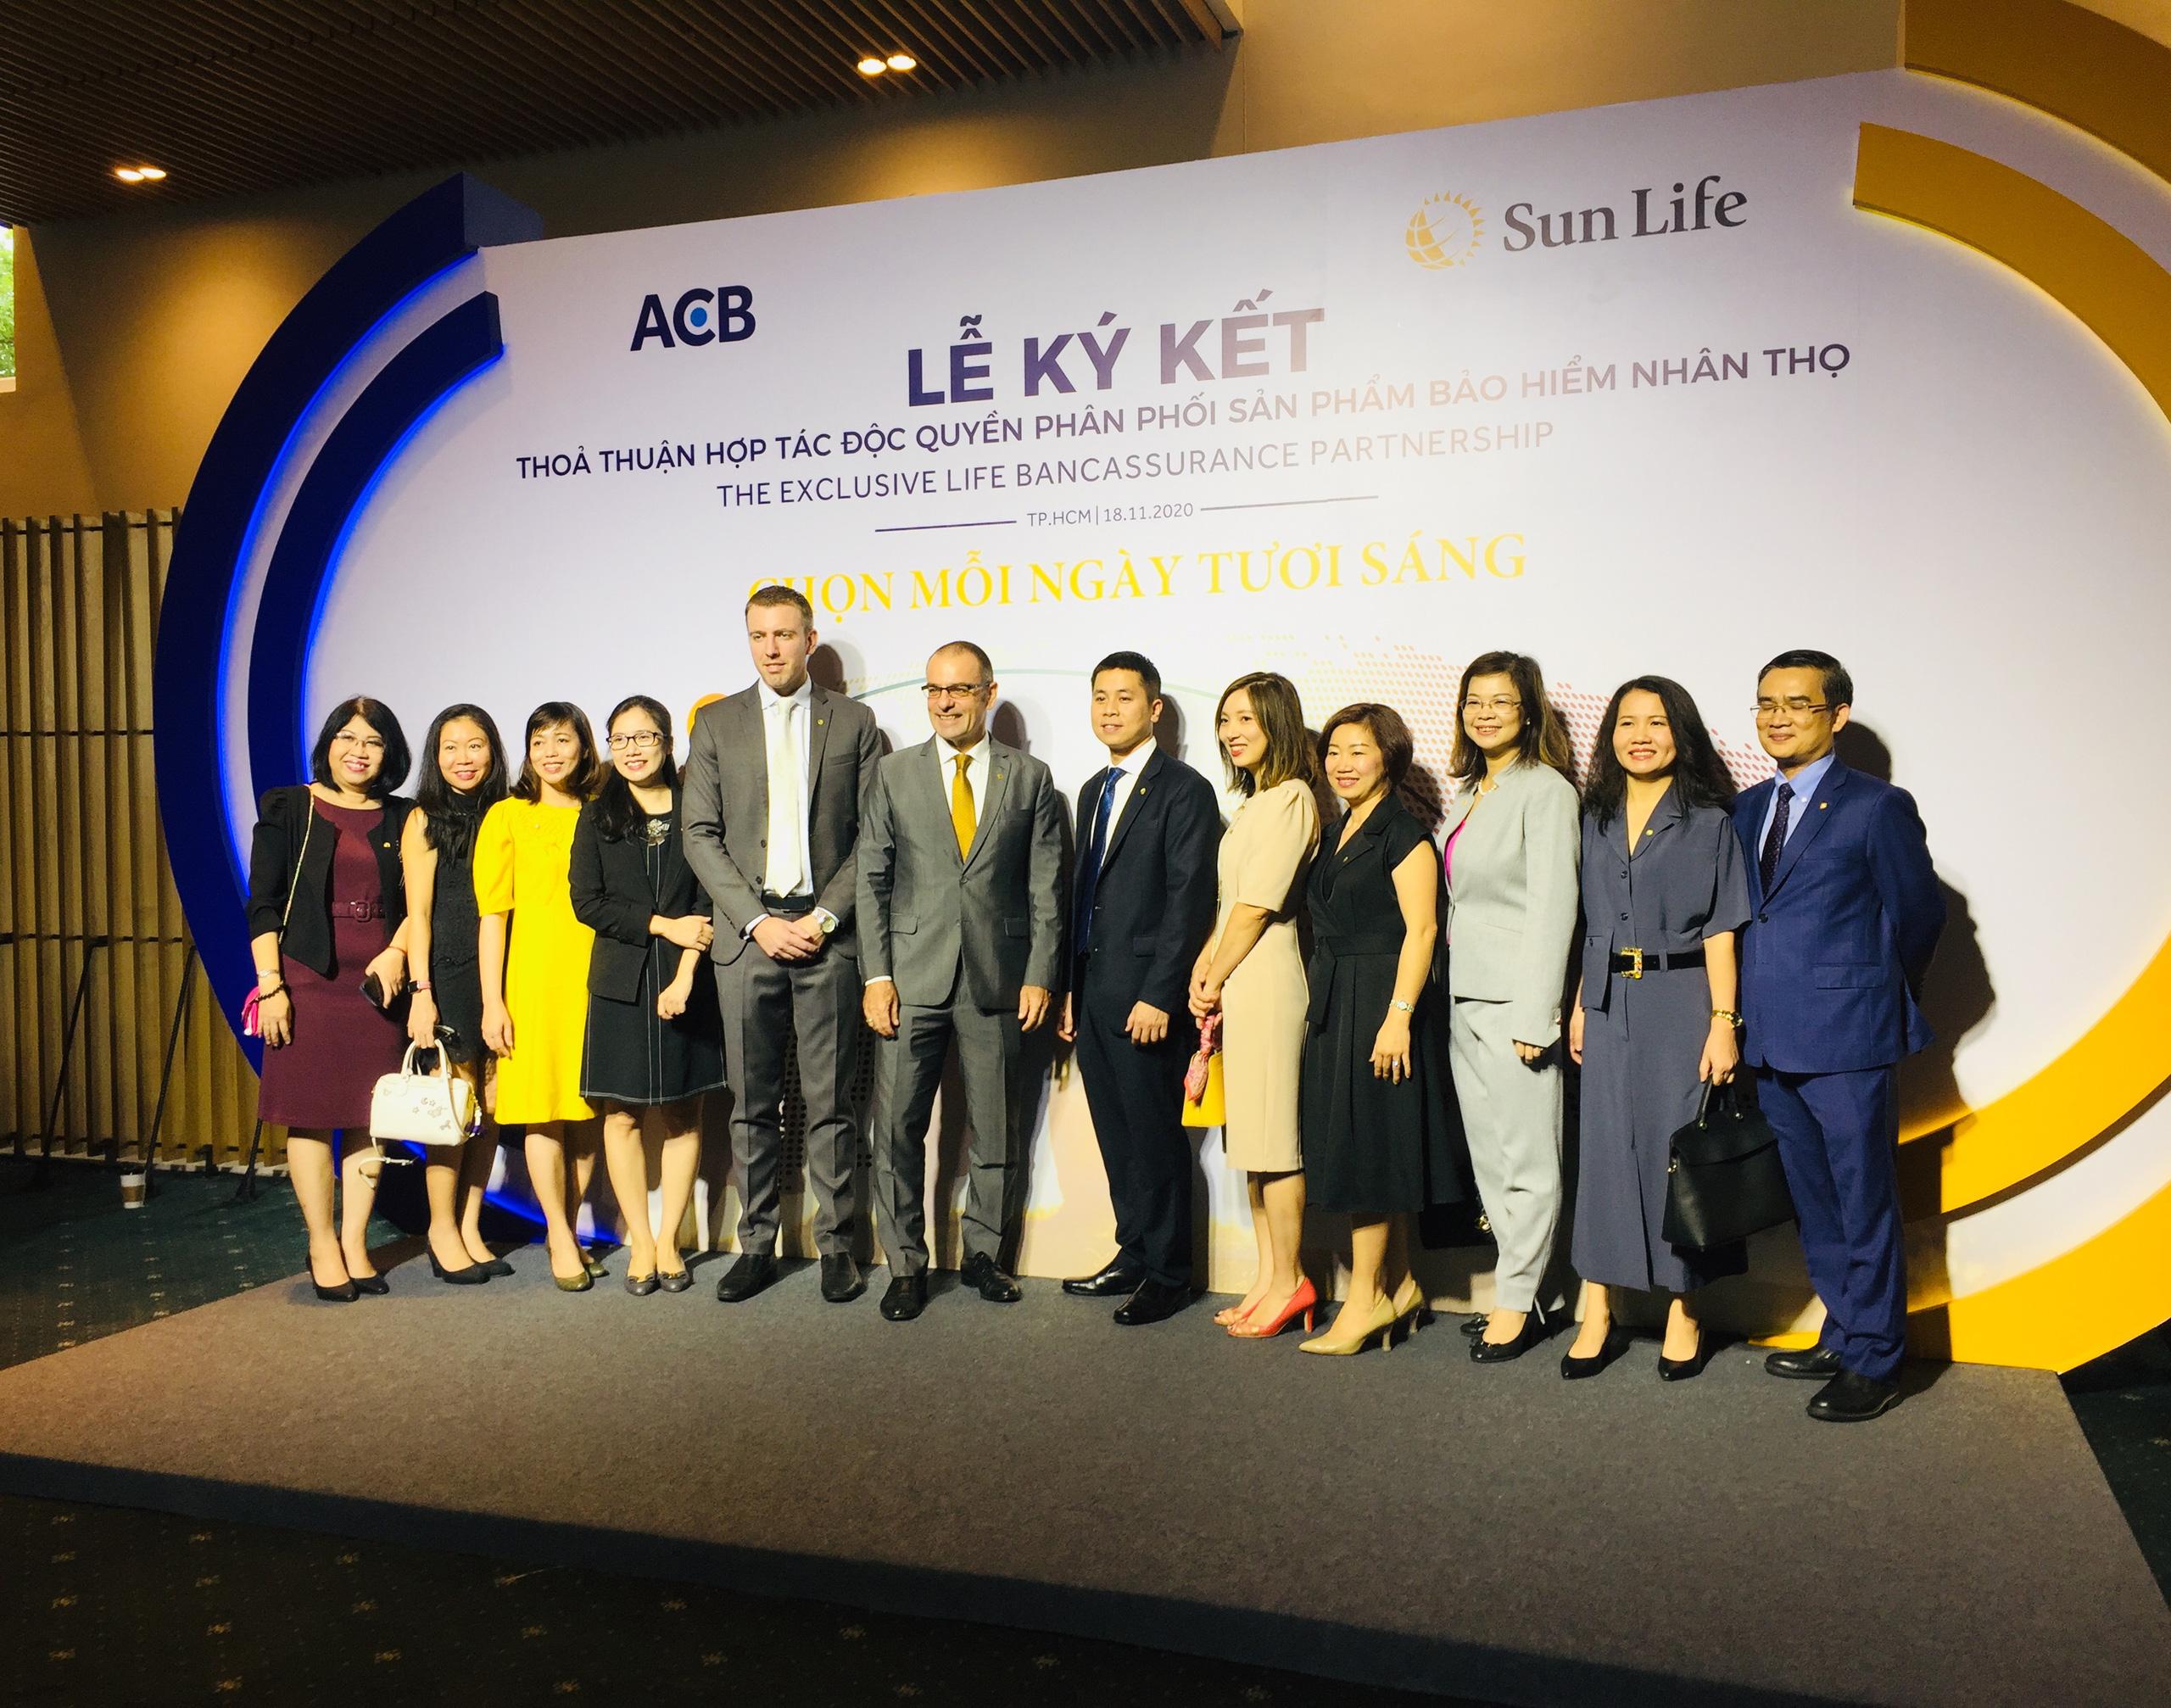 ACB bắt tay Sun Life Việt Nam độc quyền phân phối bảo hiểm nhân thọ 15 năm - Ảnh 1.